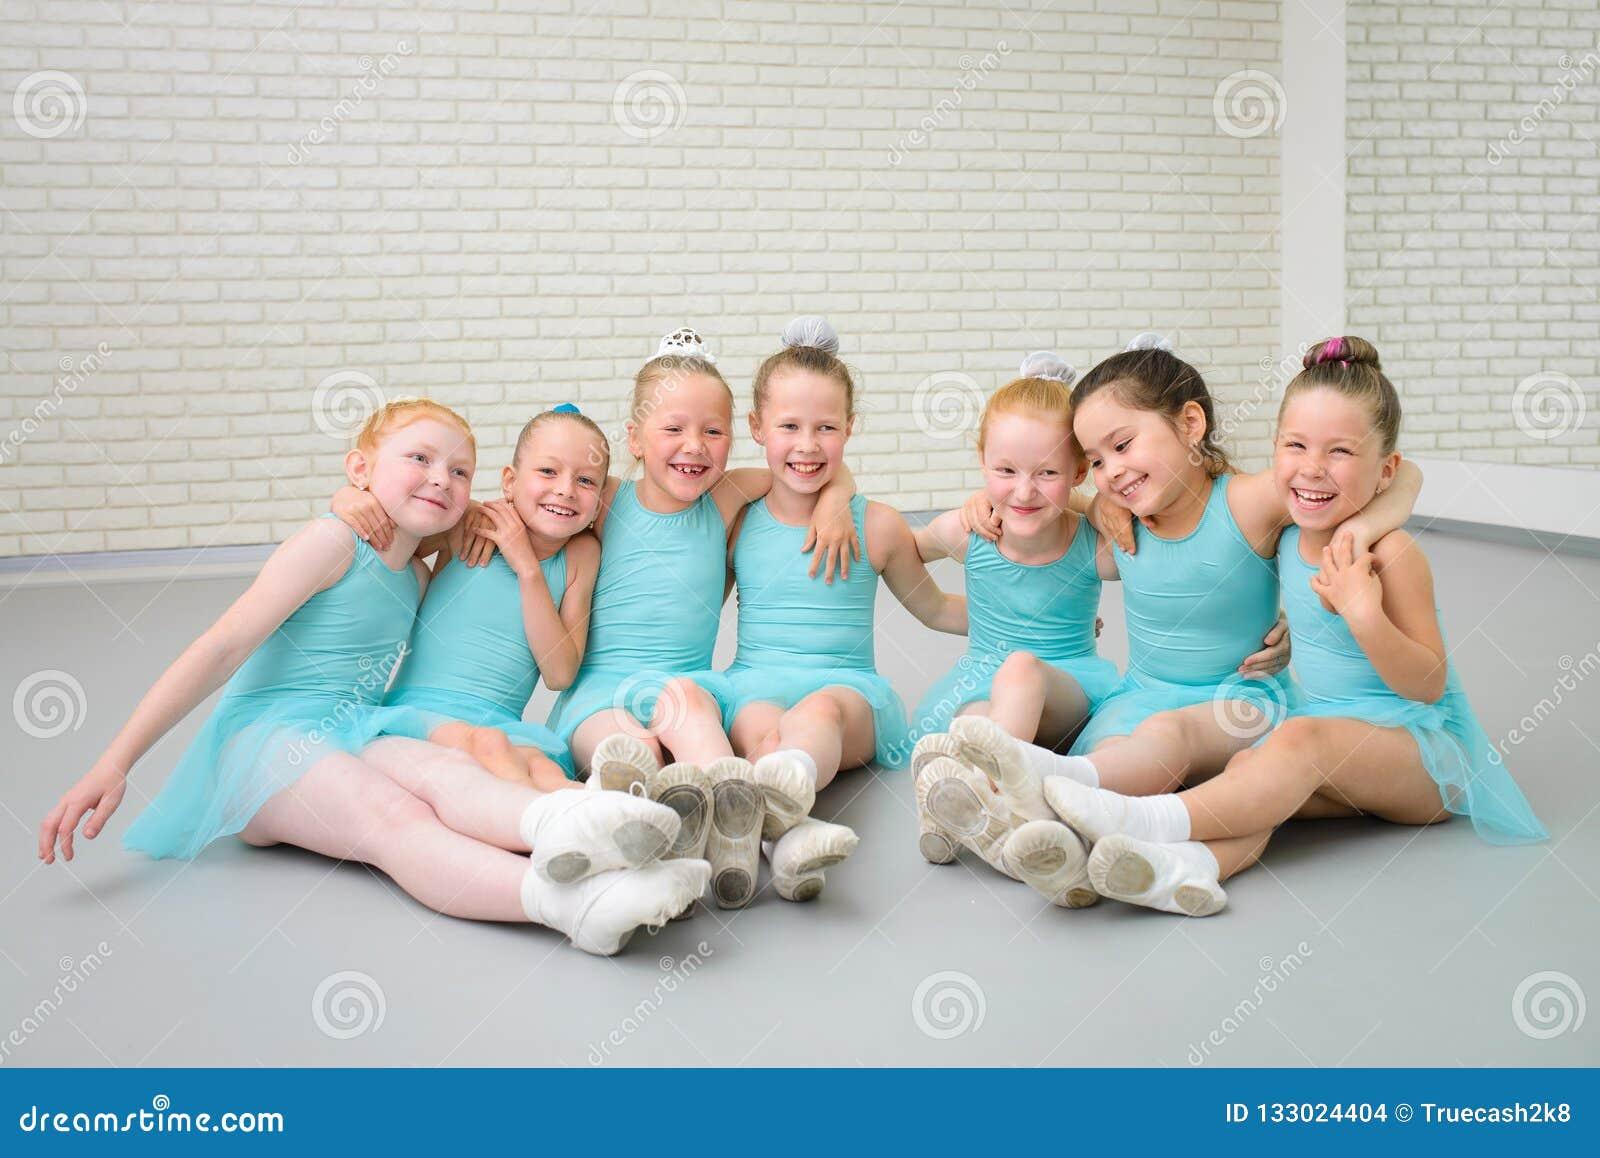 Group of cute little ballet dancers having fun at dance school class.